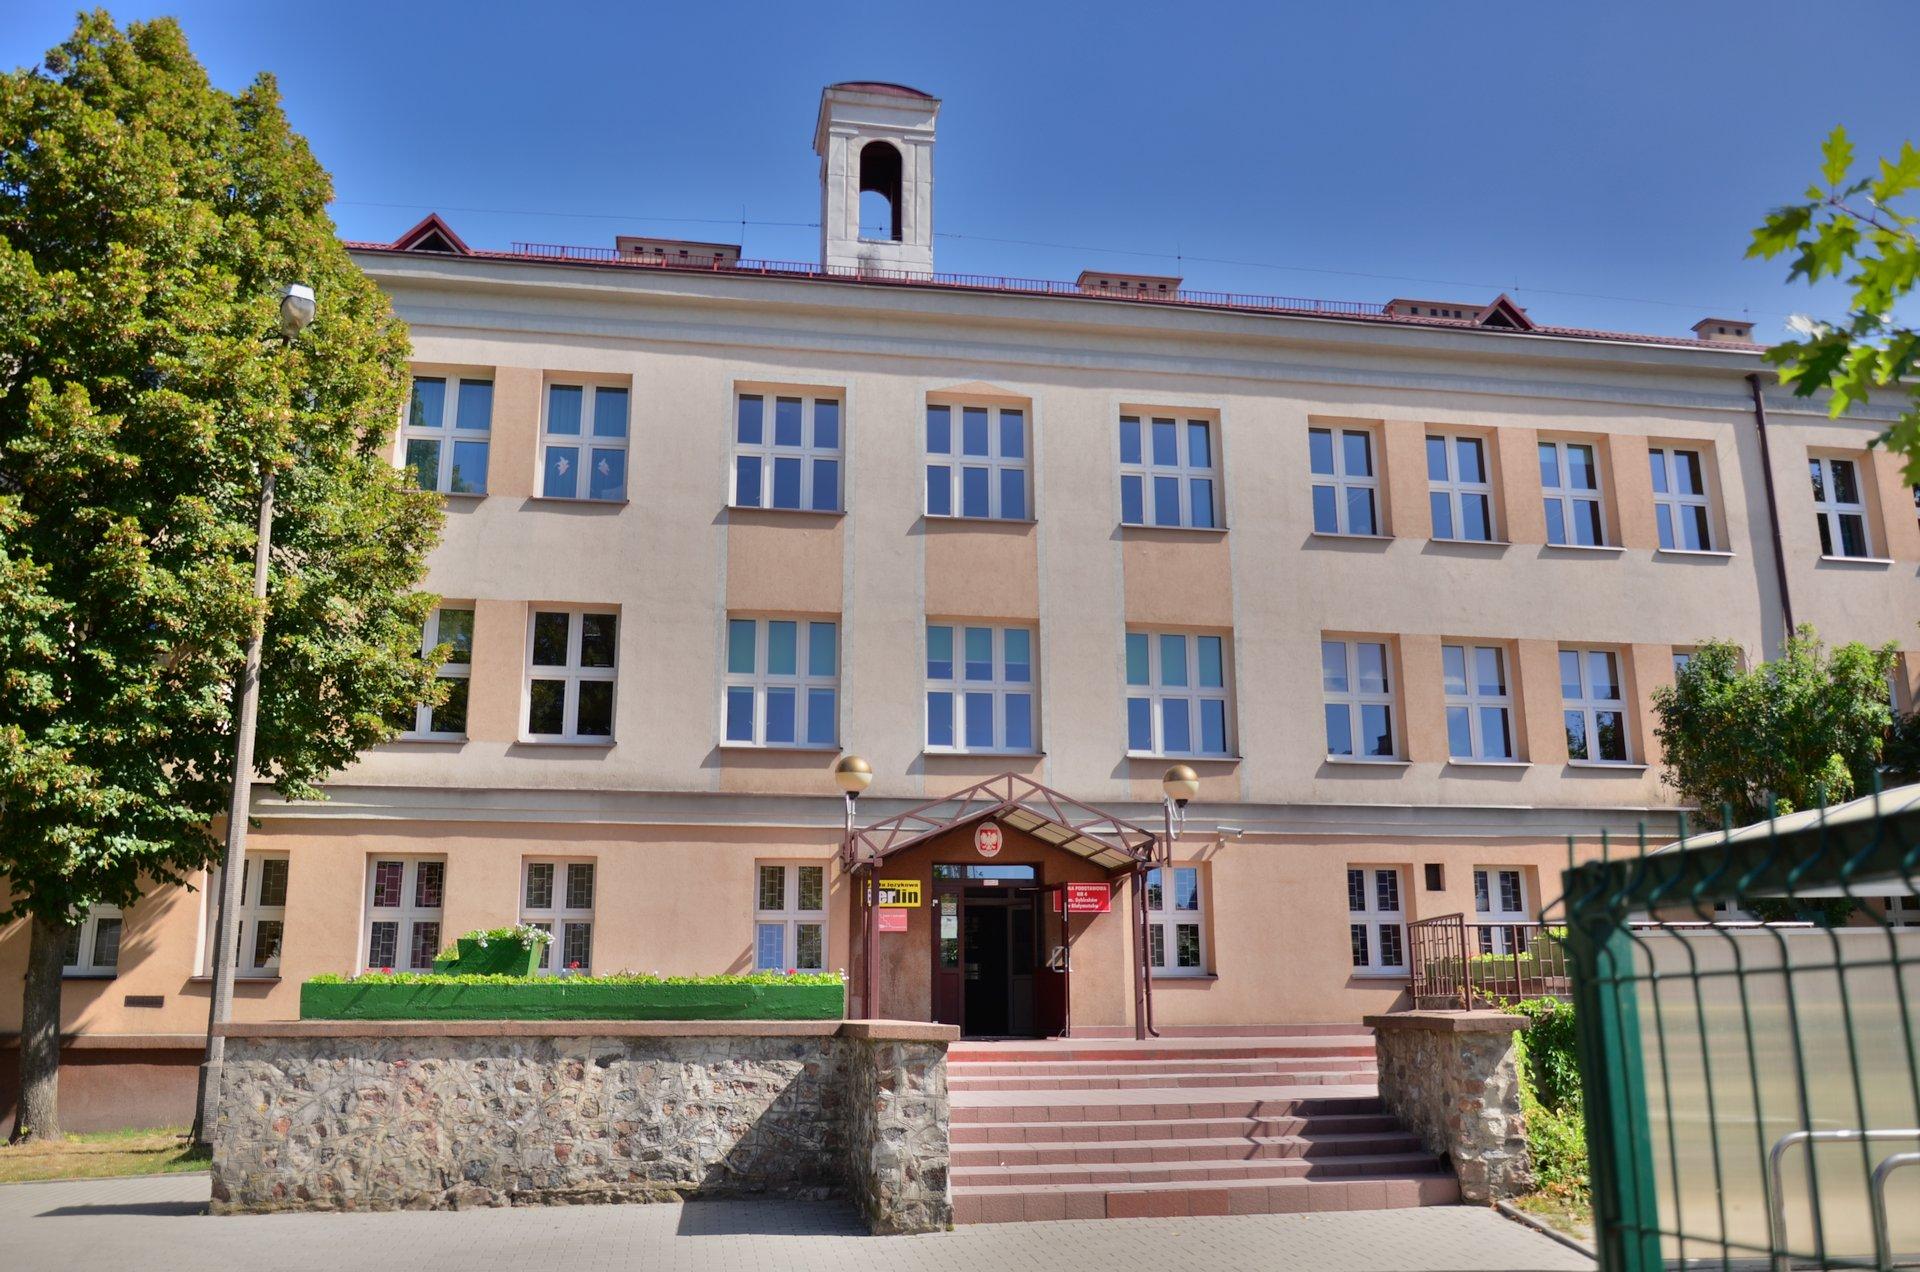 Białystok Częstochowska SP4 Szkoła Podstawowa nr 4free photo darmowe zdjęcie